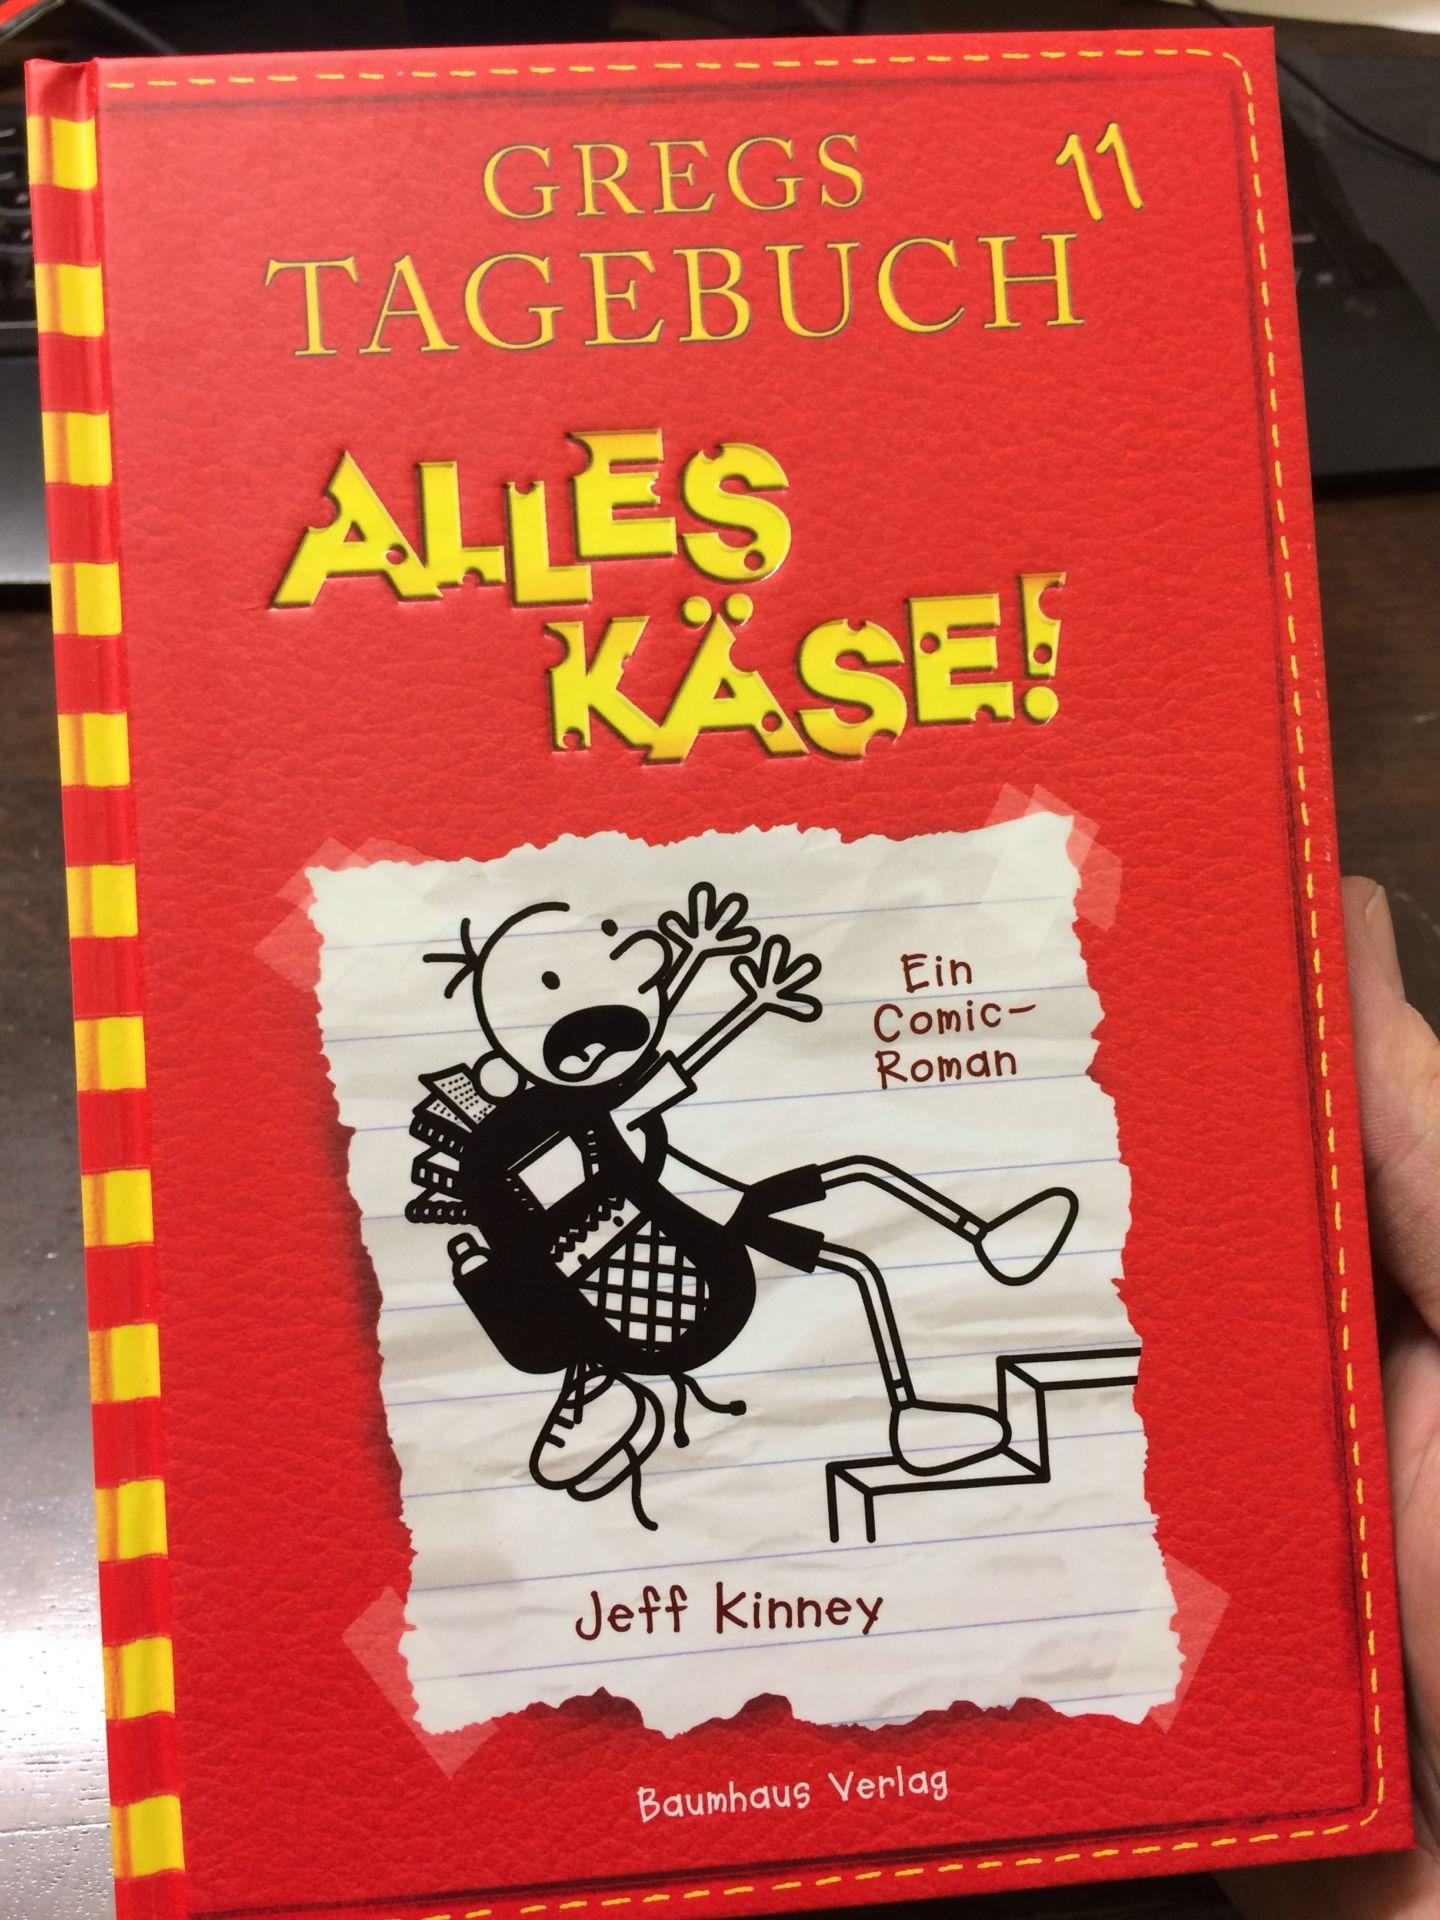 Gregs Tagebuch Kinox.To